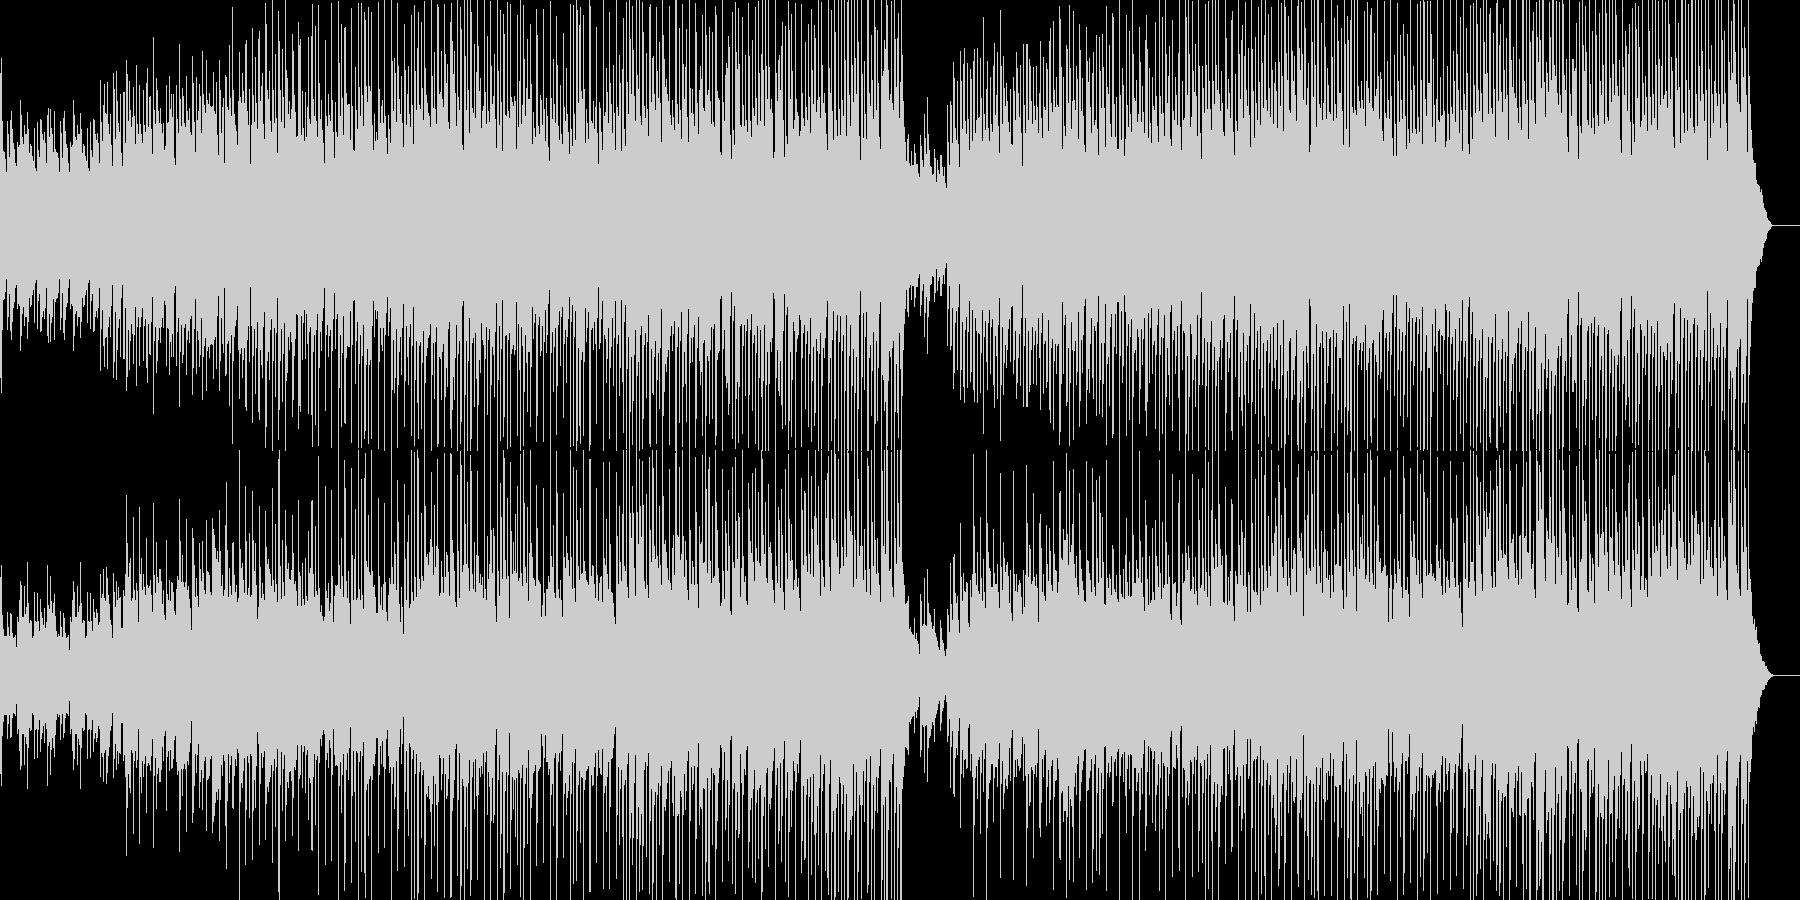 ピアノ、アコースティックギター、パ...の未再生の波形